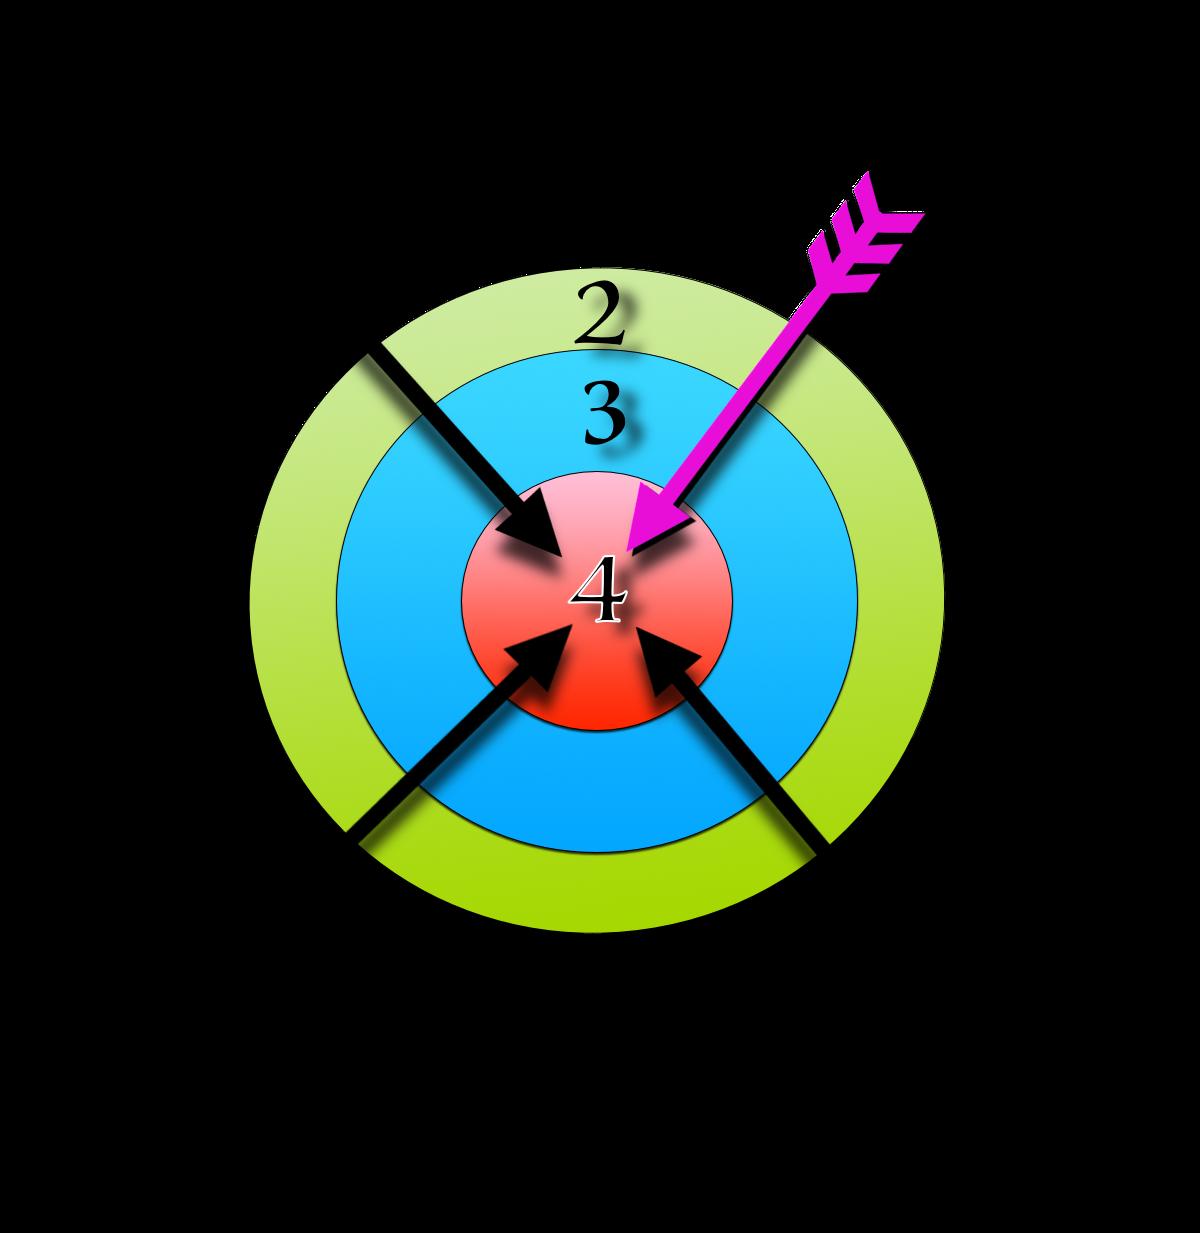 bullseye time